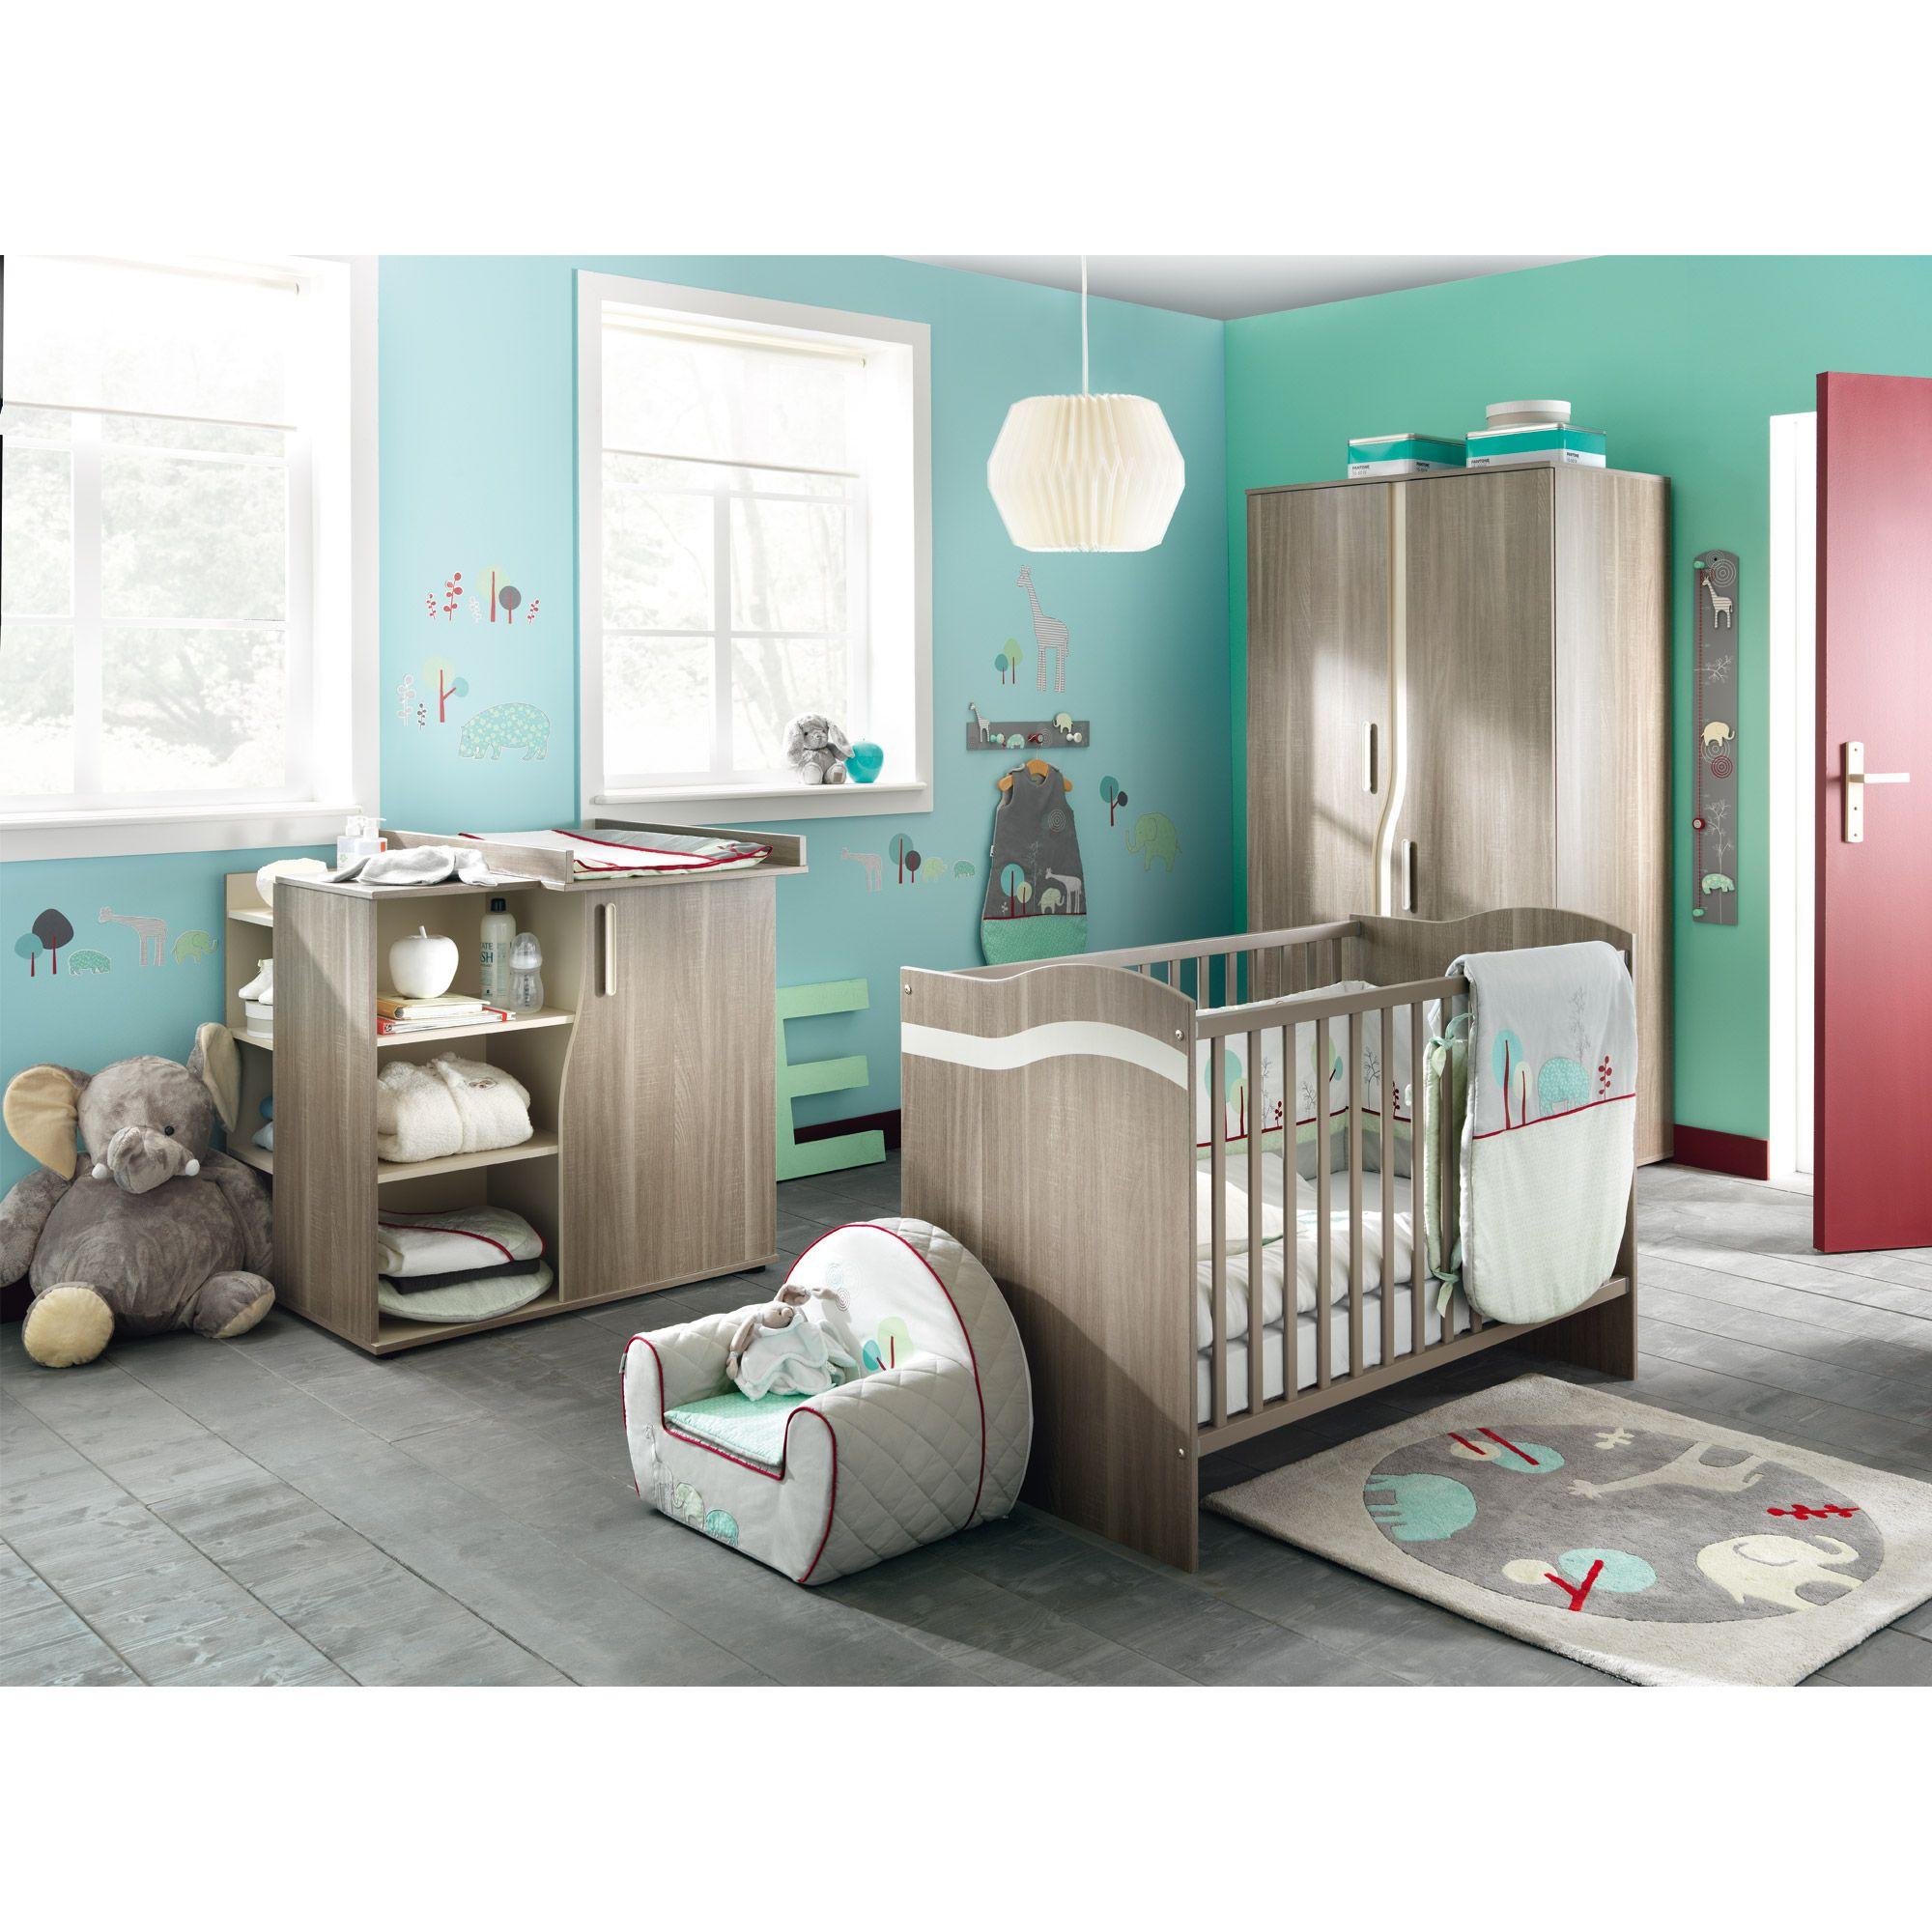 Chambre Pablo, Chambres nature  Chambre bébé, Déco chambre bébé